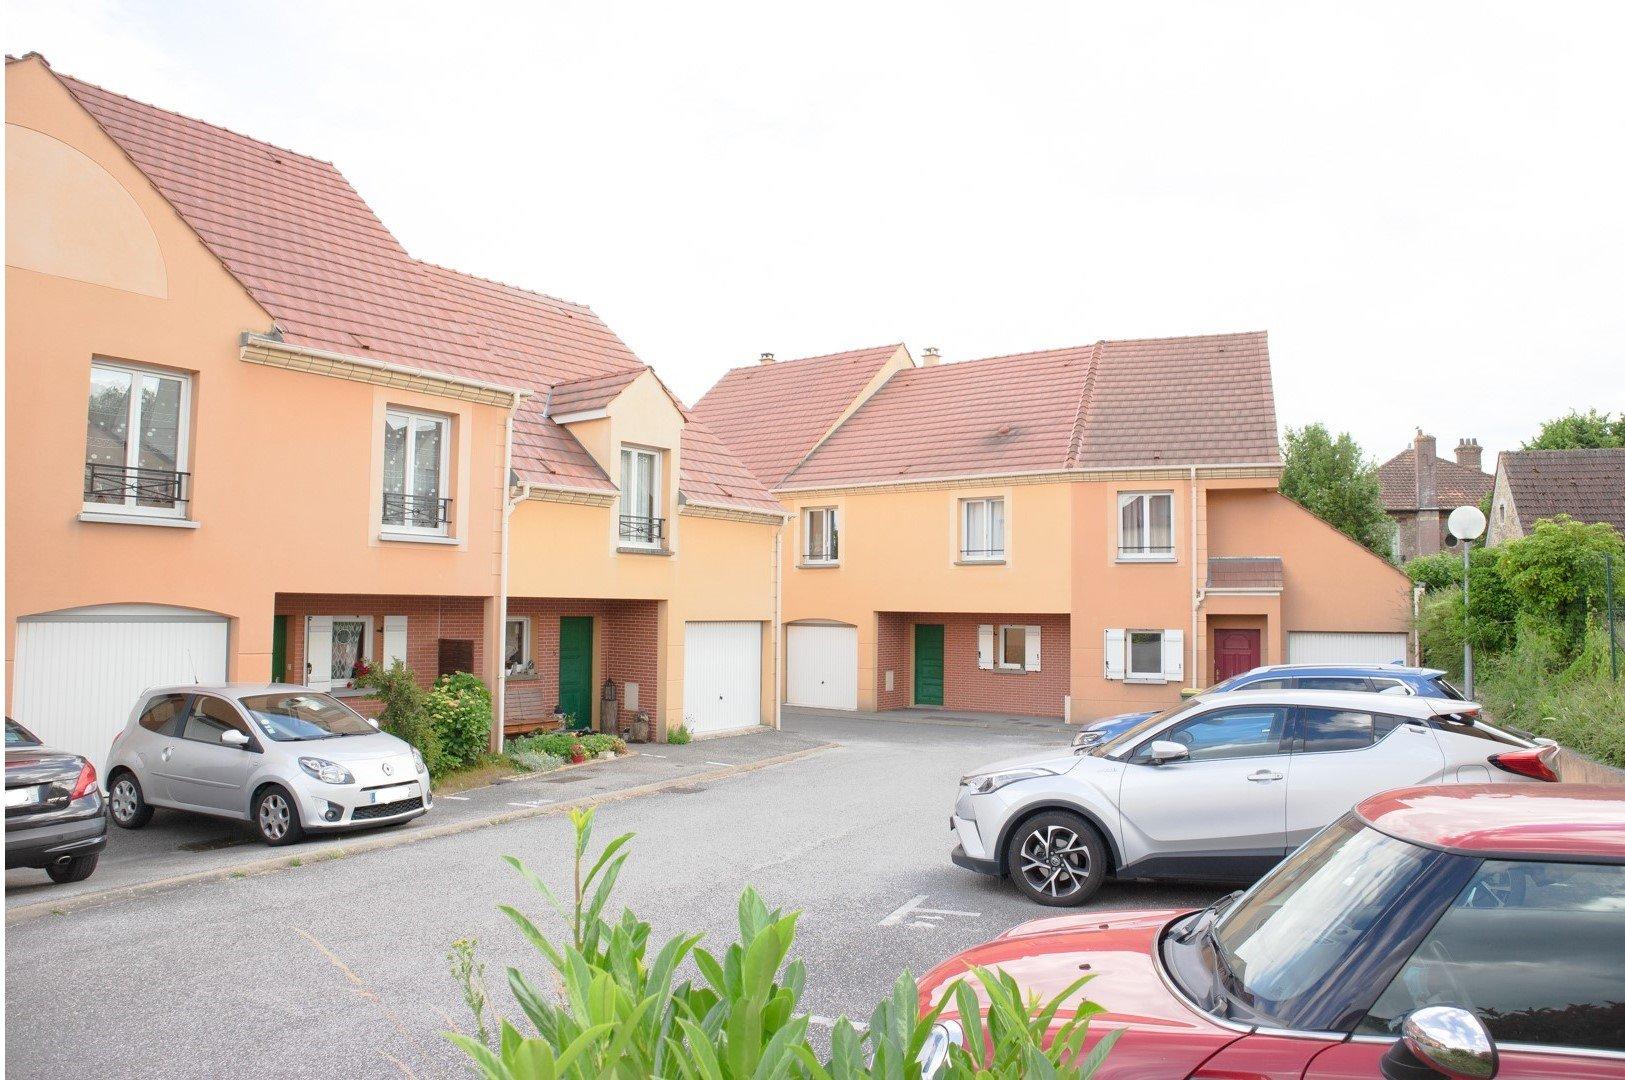 Maison de village 106m² 4 chambres